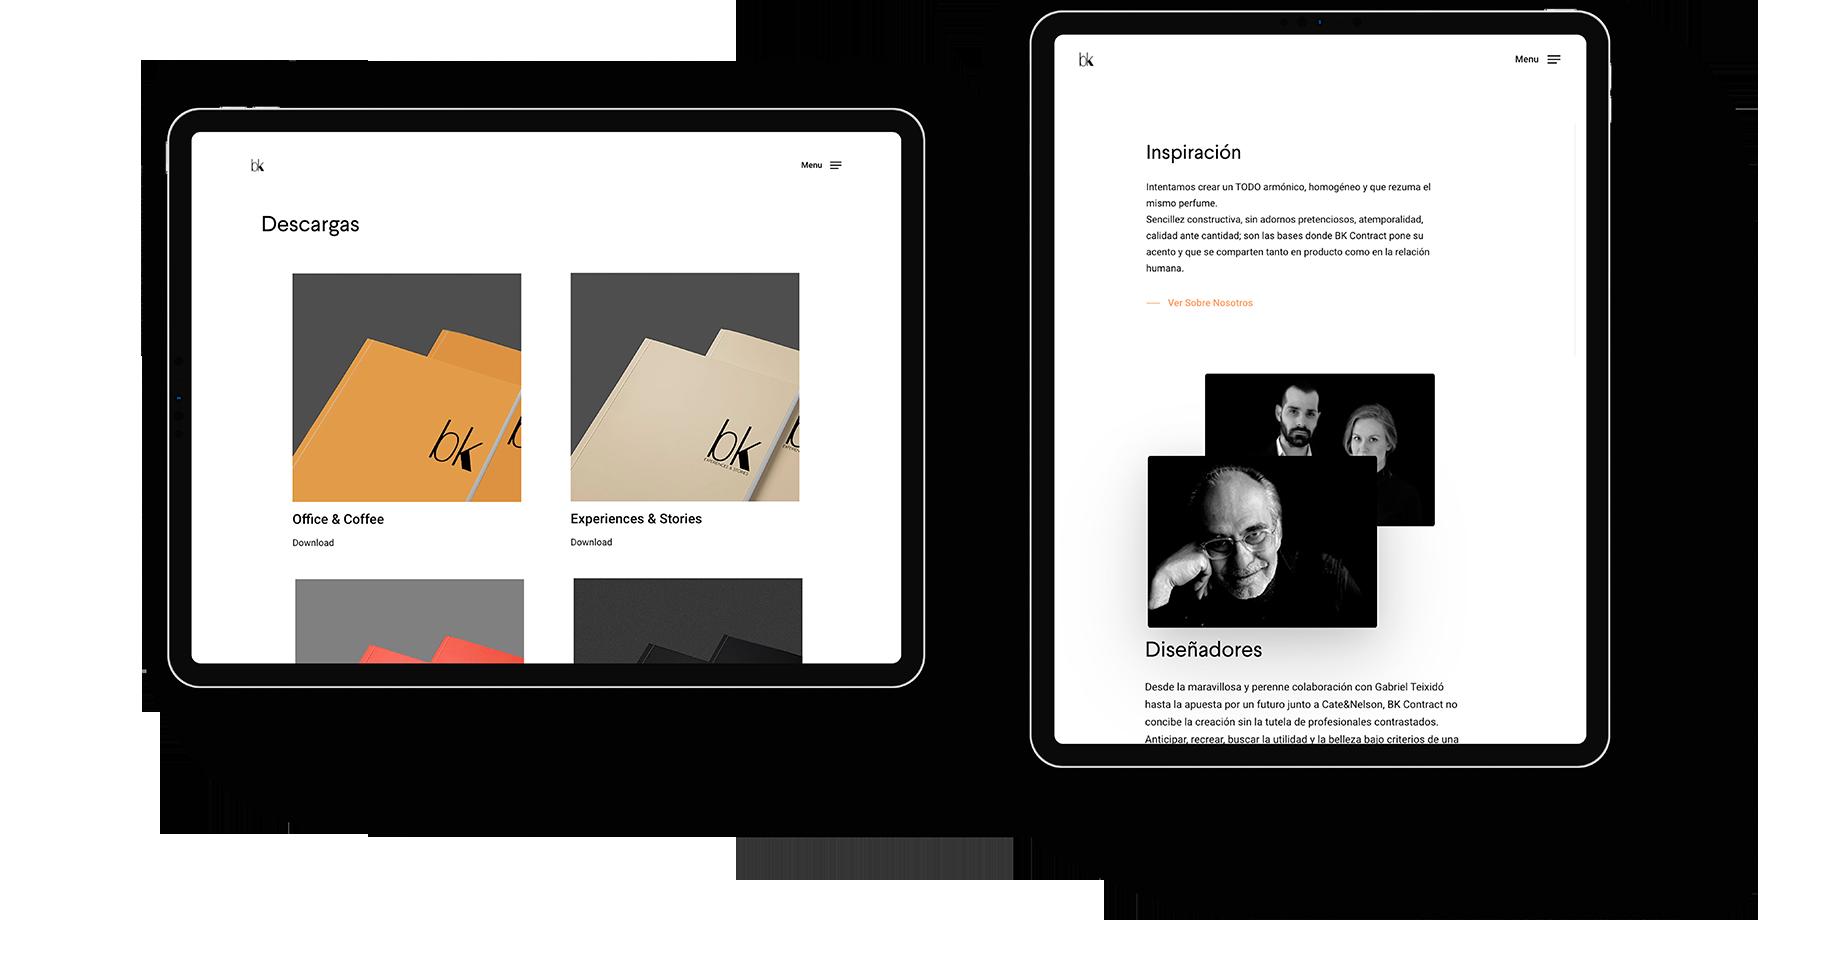 Diseño web para el mueble contemporáneo y honesto del futuro. BK Contract